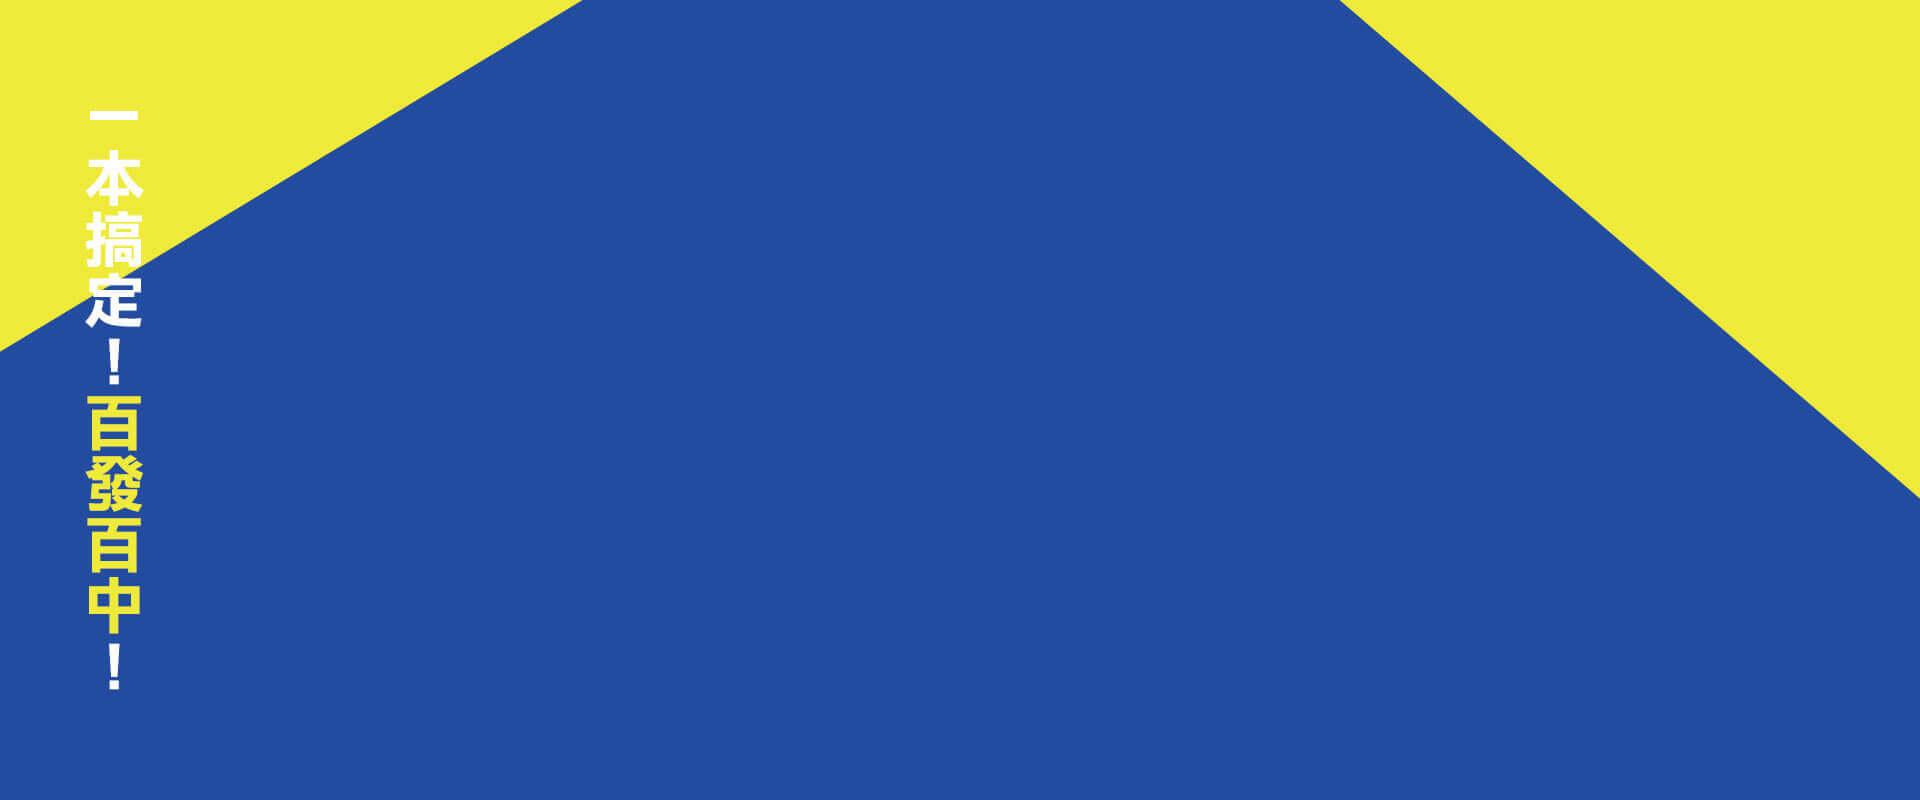 一本搞定 百發百中!GEPT 新制全民英檢中級5 回滿分模擬試題+詳解(初試+複